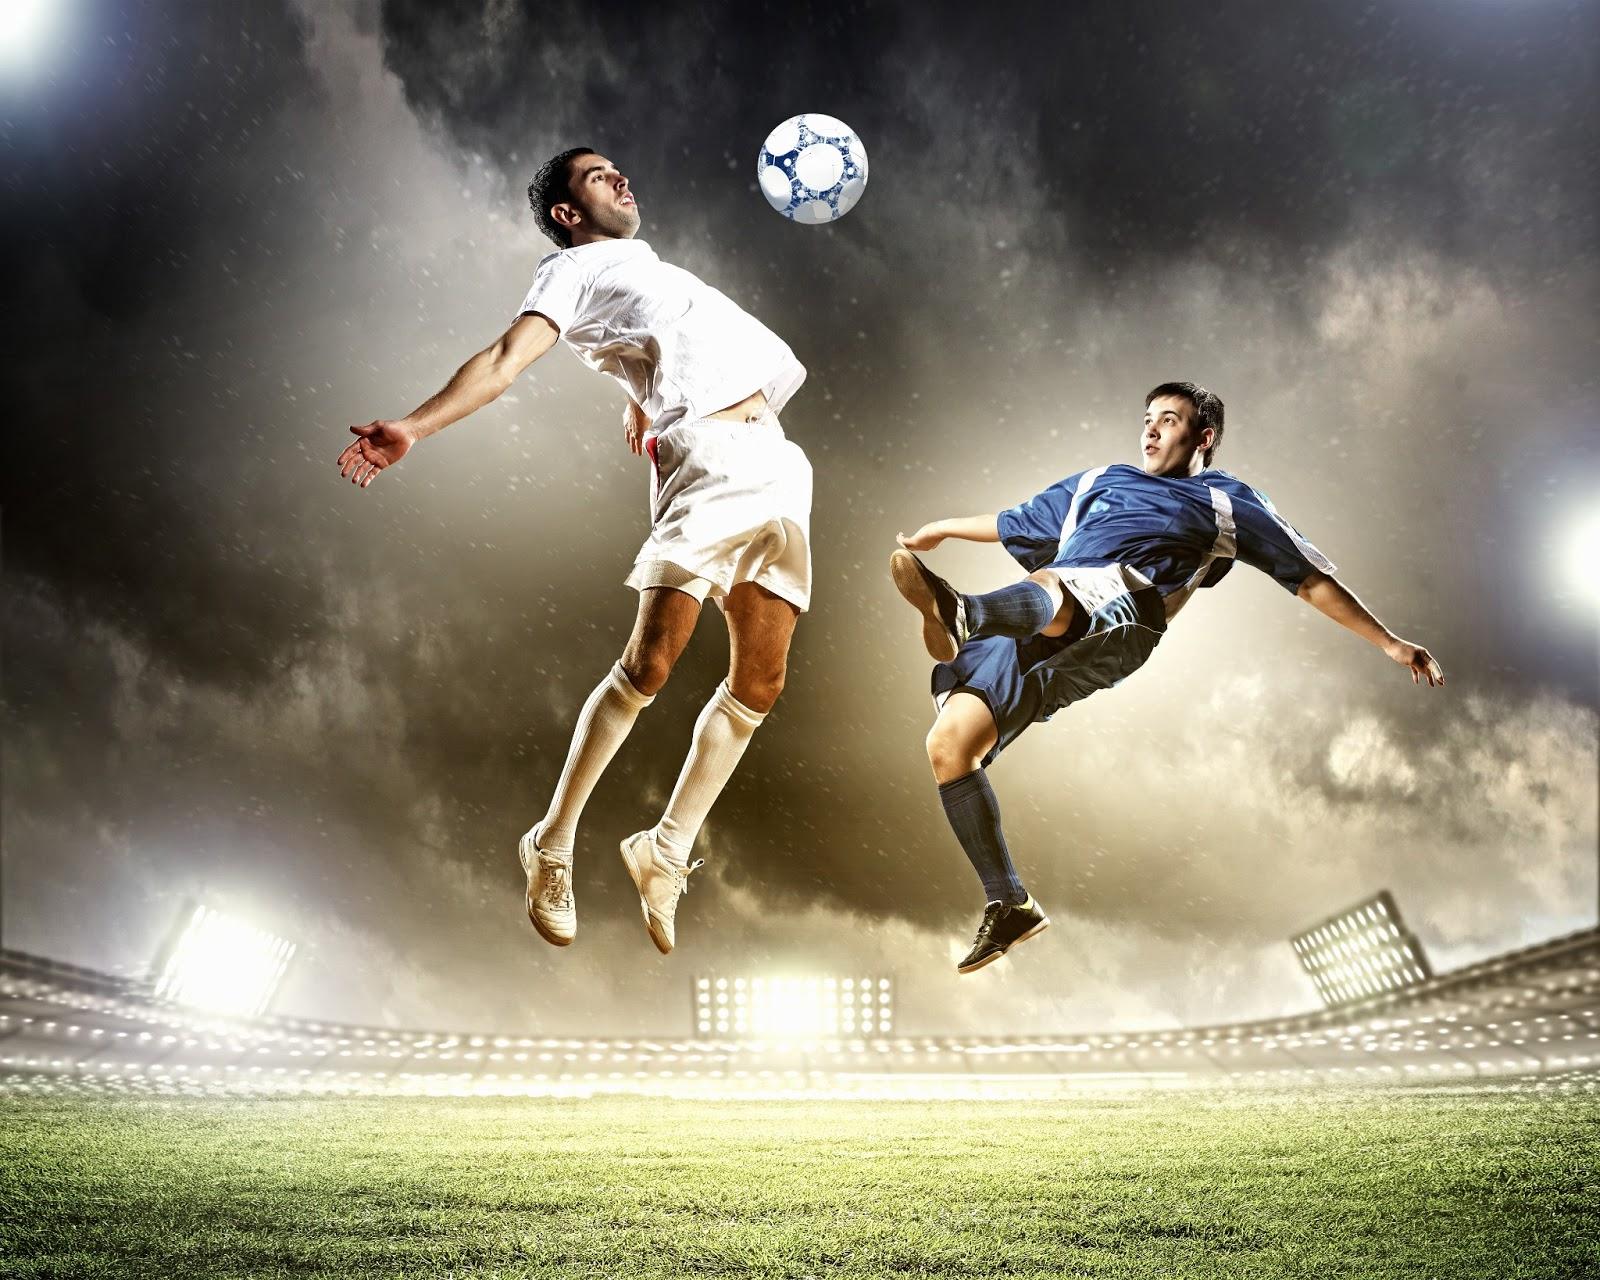 BANCO DE IMÁGENES: Jugadores De Fútbol Soccer